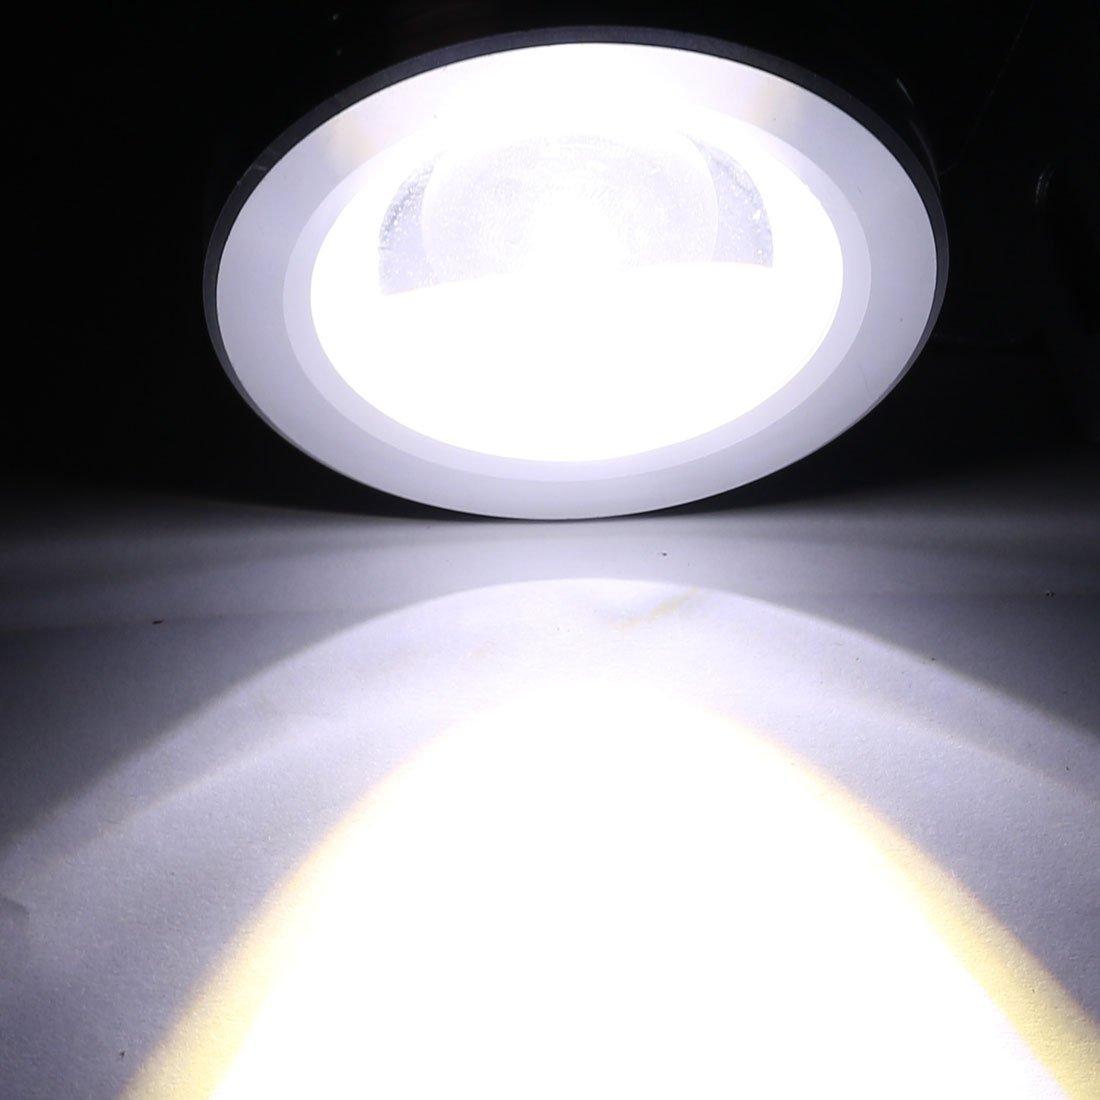 eDealMax DC 12V 10W LED Luz subacuática del acuario piscina de la fuente de la lámpara a prueba de agua blanca - - Amazon.com